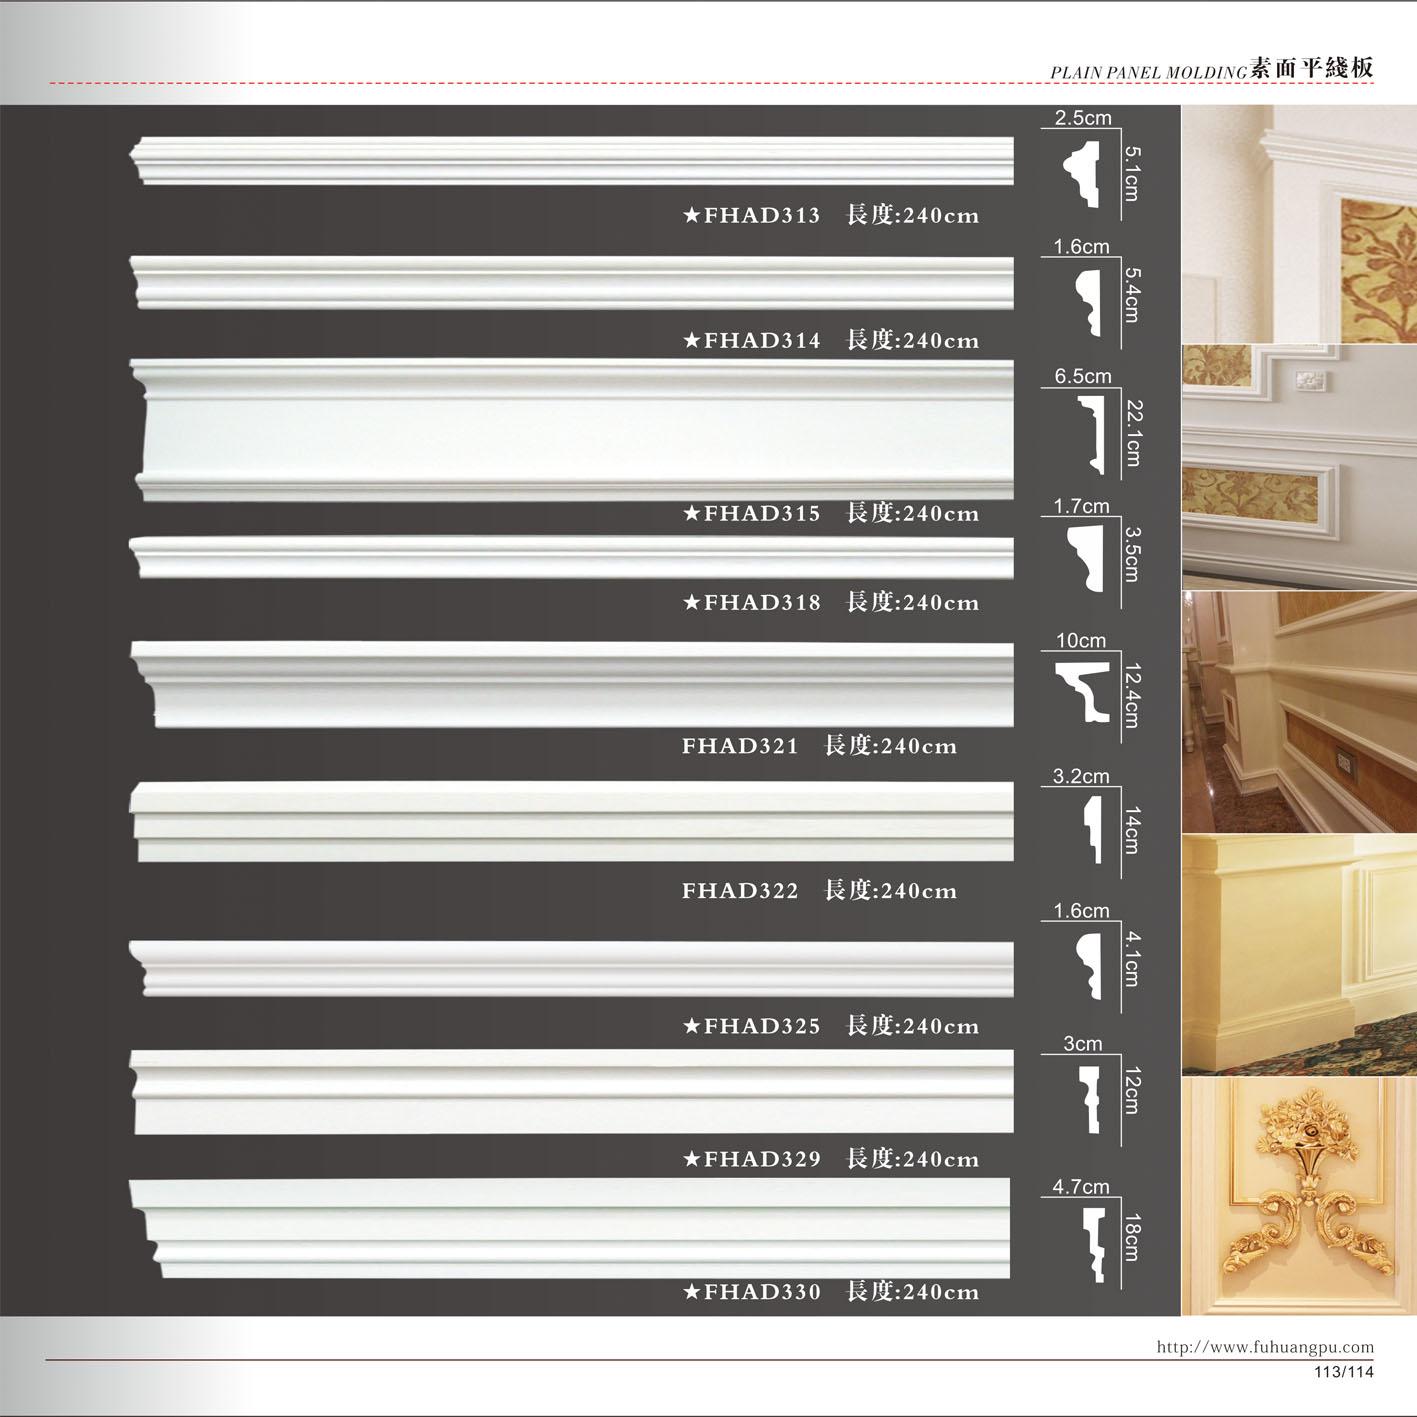 服务热线:18928391273 18928391291 外墙装修材料的对比: GRC是一种以耐碱玻璃纤维为增强材料、水泥砂浆为基本材料的纤维水泥复合材料,GRC饰材是以水泥砂浆为主材料,混入一定比例的以耐碱玻璃纤维作增强作用,厚度为2-3厘米的中空质材,承重力比EPS饰材稍好、但要比前者重两成左右,所以一般不能做高层,且安装费用较高。 EPS一般是指EPS板(又称苯板)。由可发性聚苯乙烯珠粒经加热预发泡后在模具中加热成型而制得的具有闭孔结构的聚苯乙烯泡沫塑料板材,EPS饰材最外的保护层为色如水泥的薄薄一